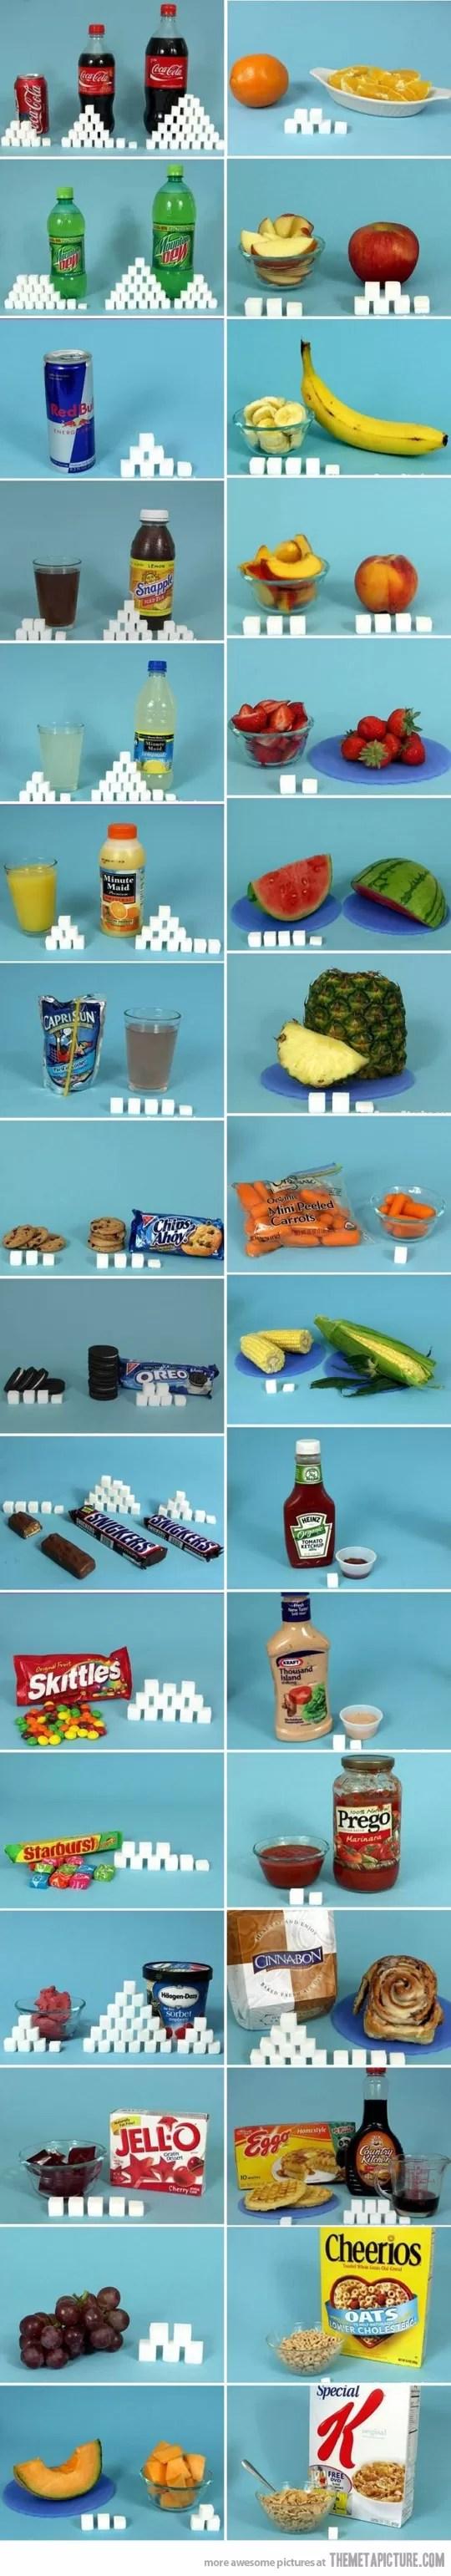 Αστεία-ποσό-της-ζάχαρης-τροφές